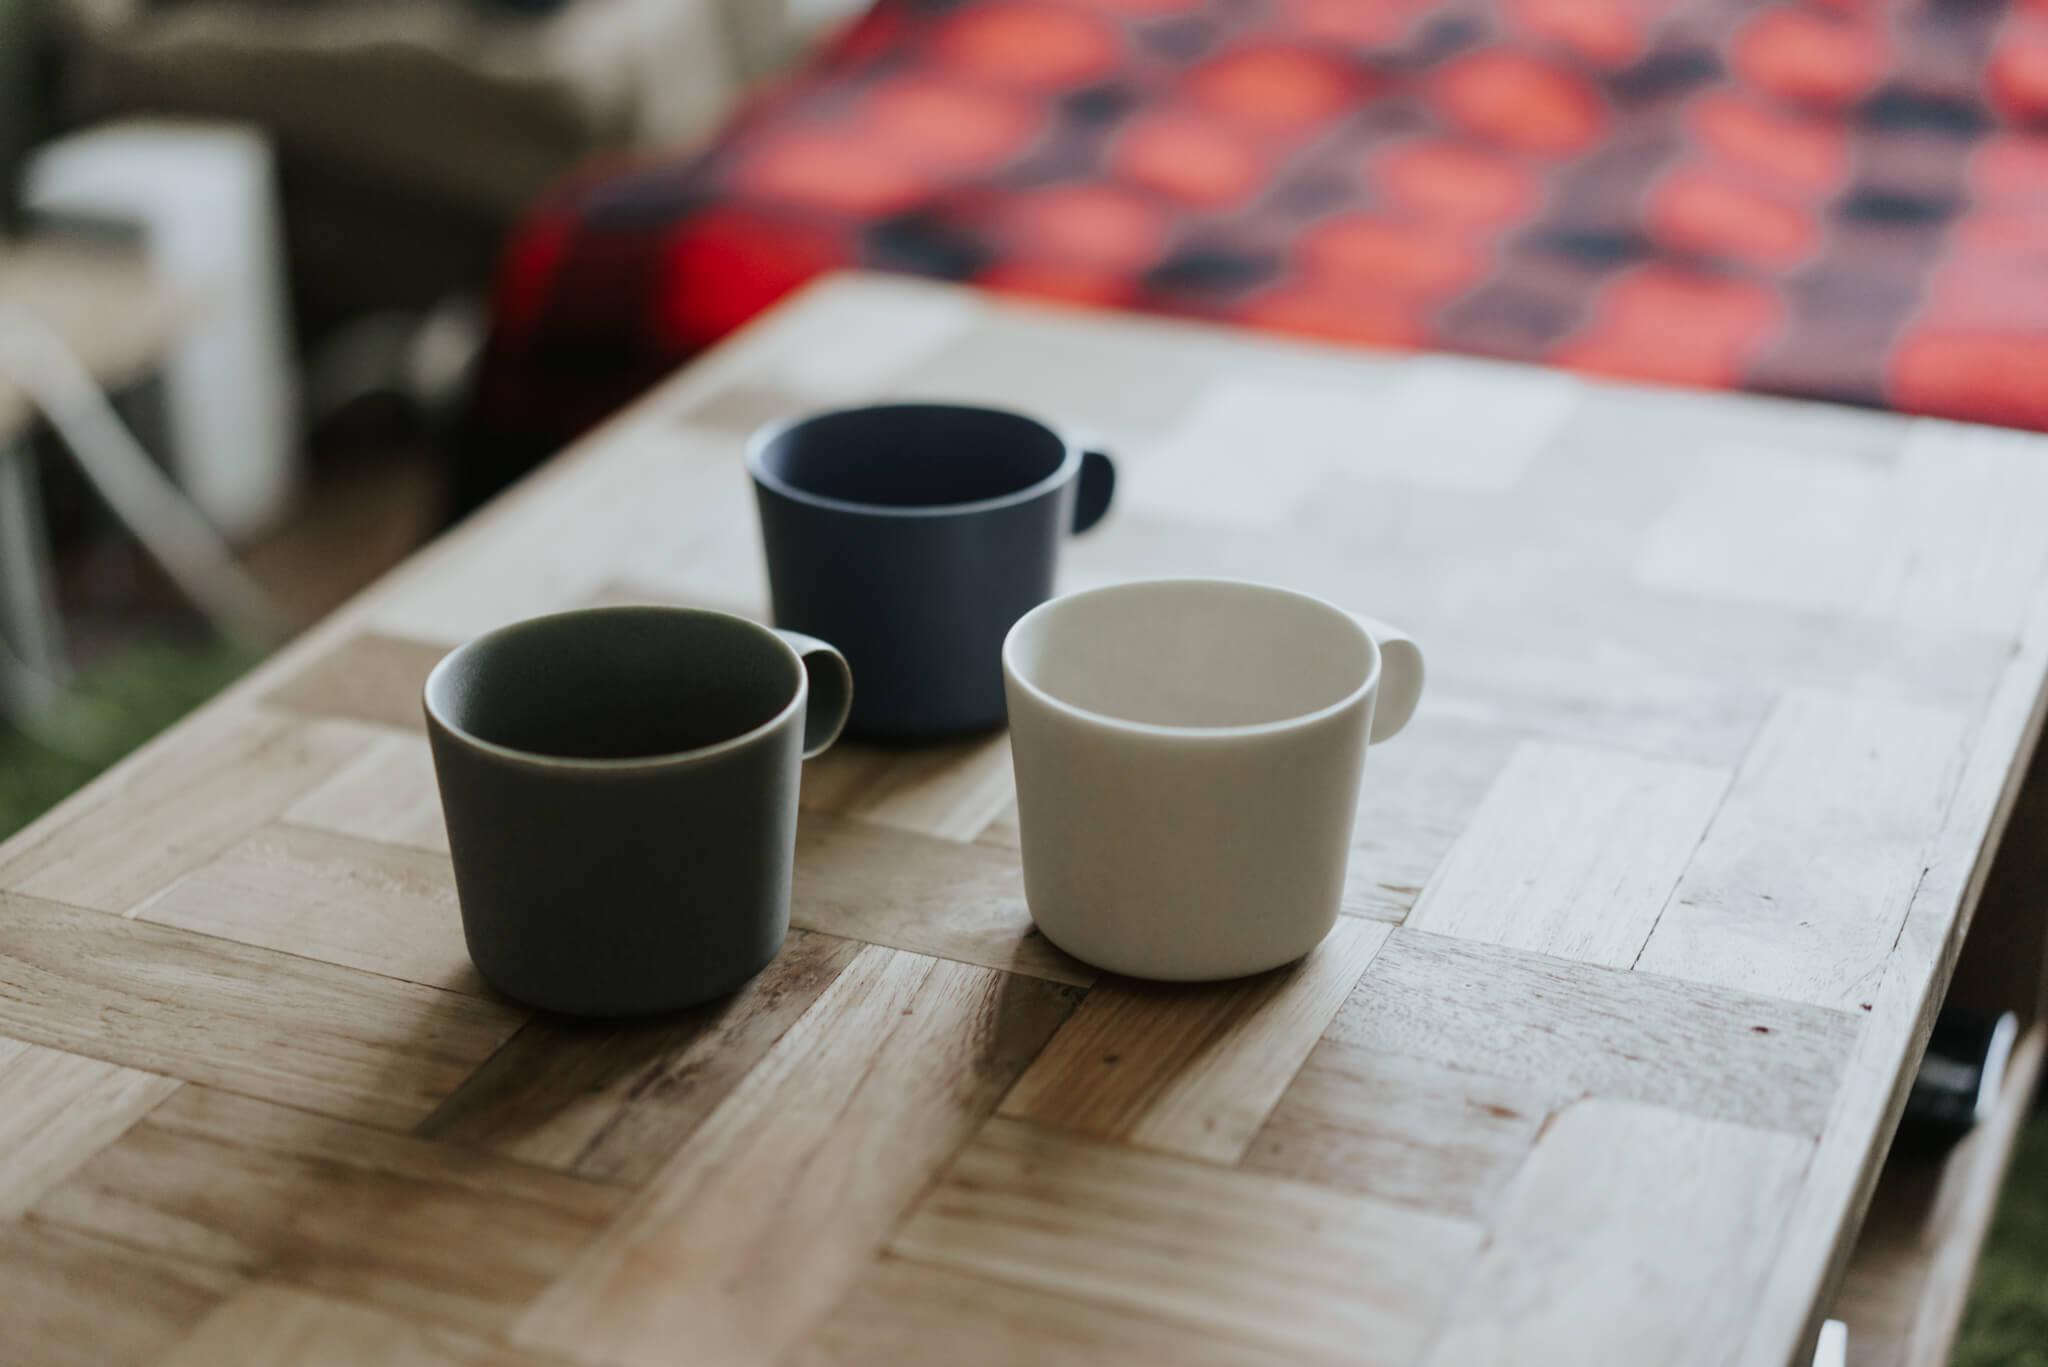 手になじむ使い心地に一目惚れ。イイホシユミコさん「unjour」のマグカップ